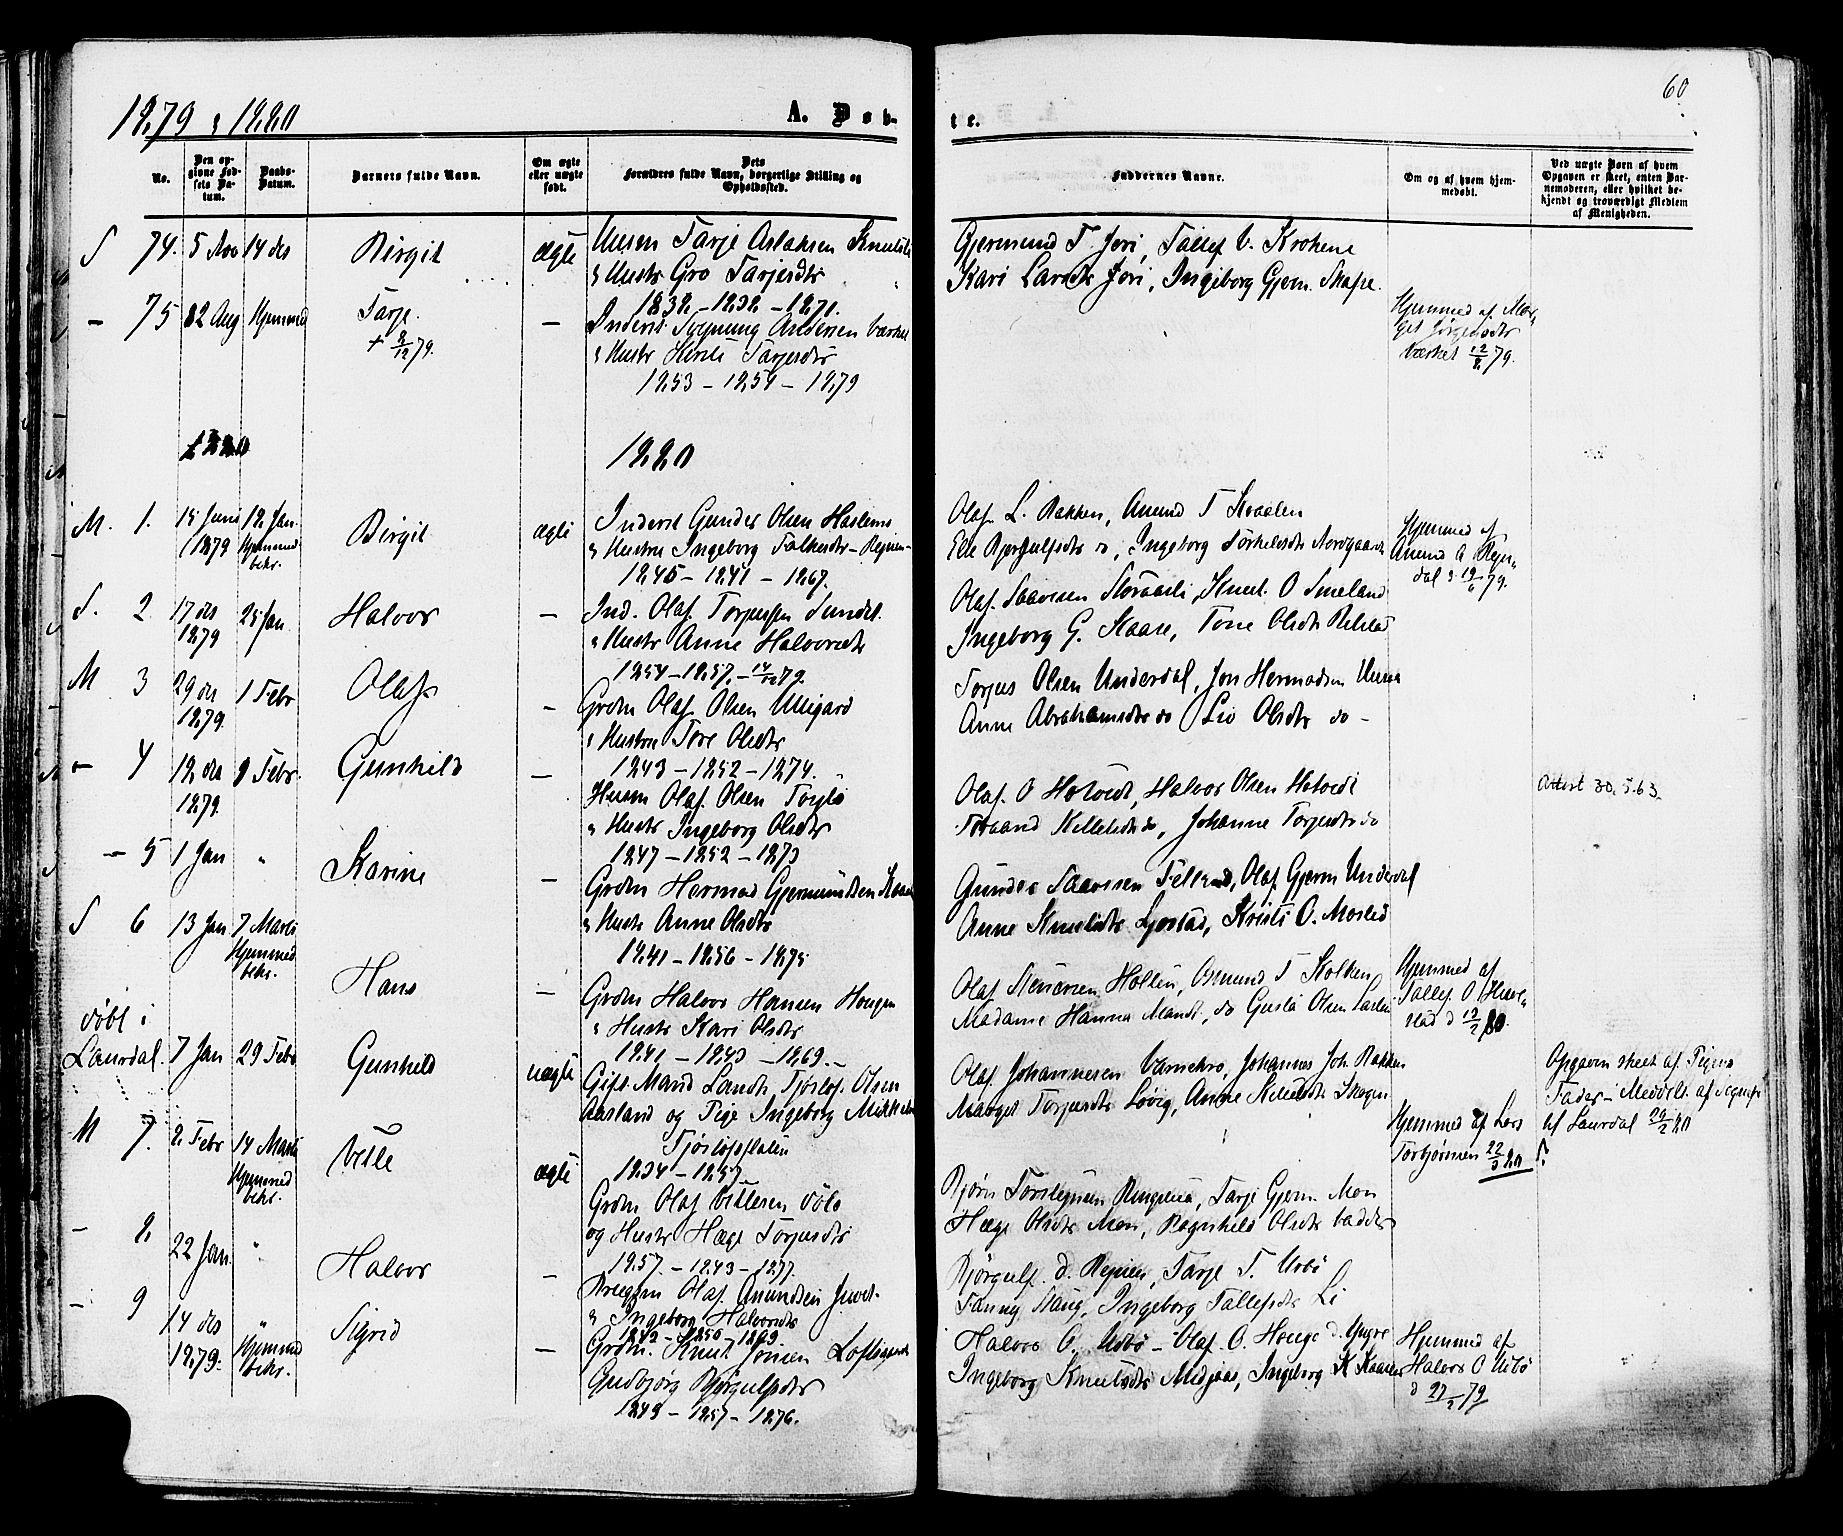 SAKO, Mo kirkebøker, F/Fa/L0006: Ministerialbok nr. I 6, 1865-1885, s. 60